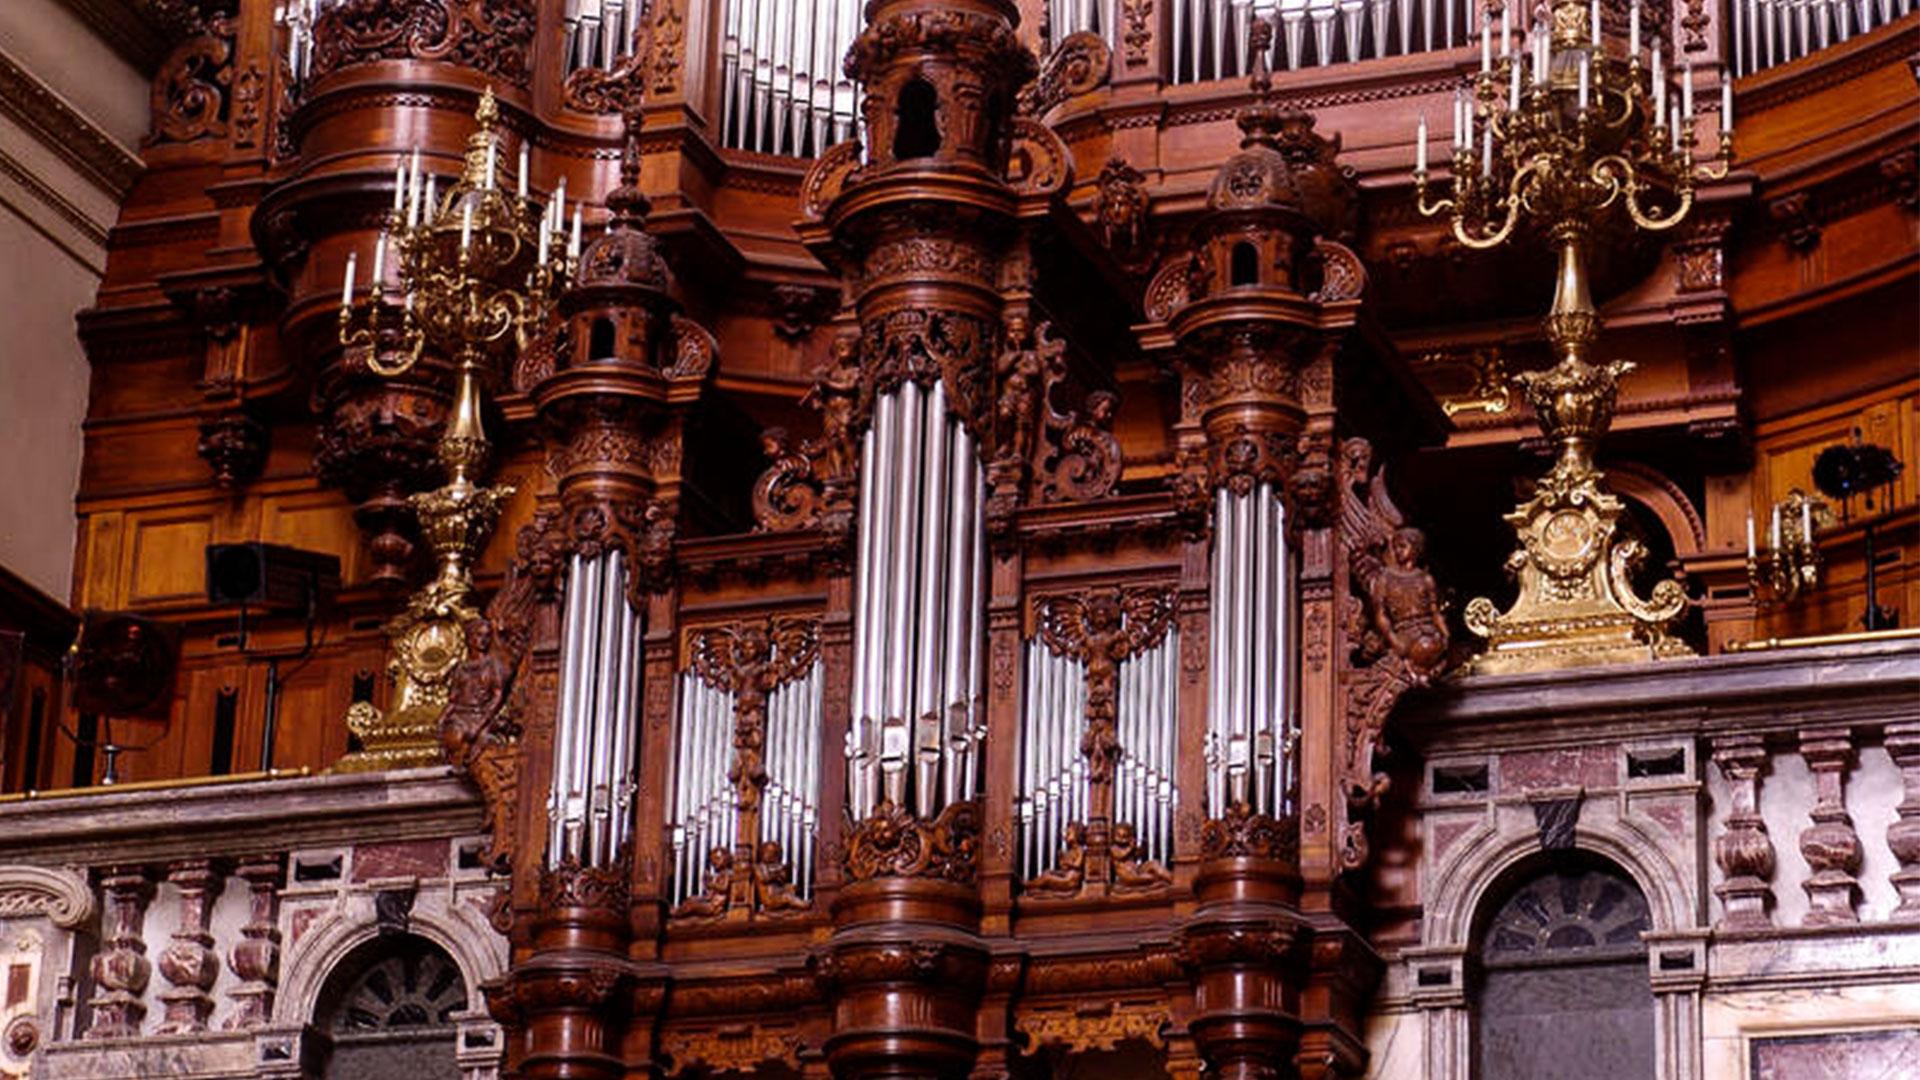 organ-instrument